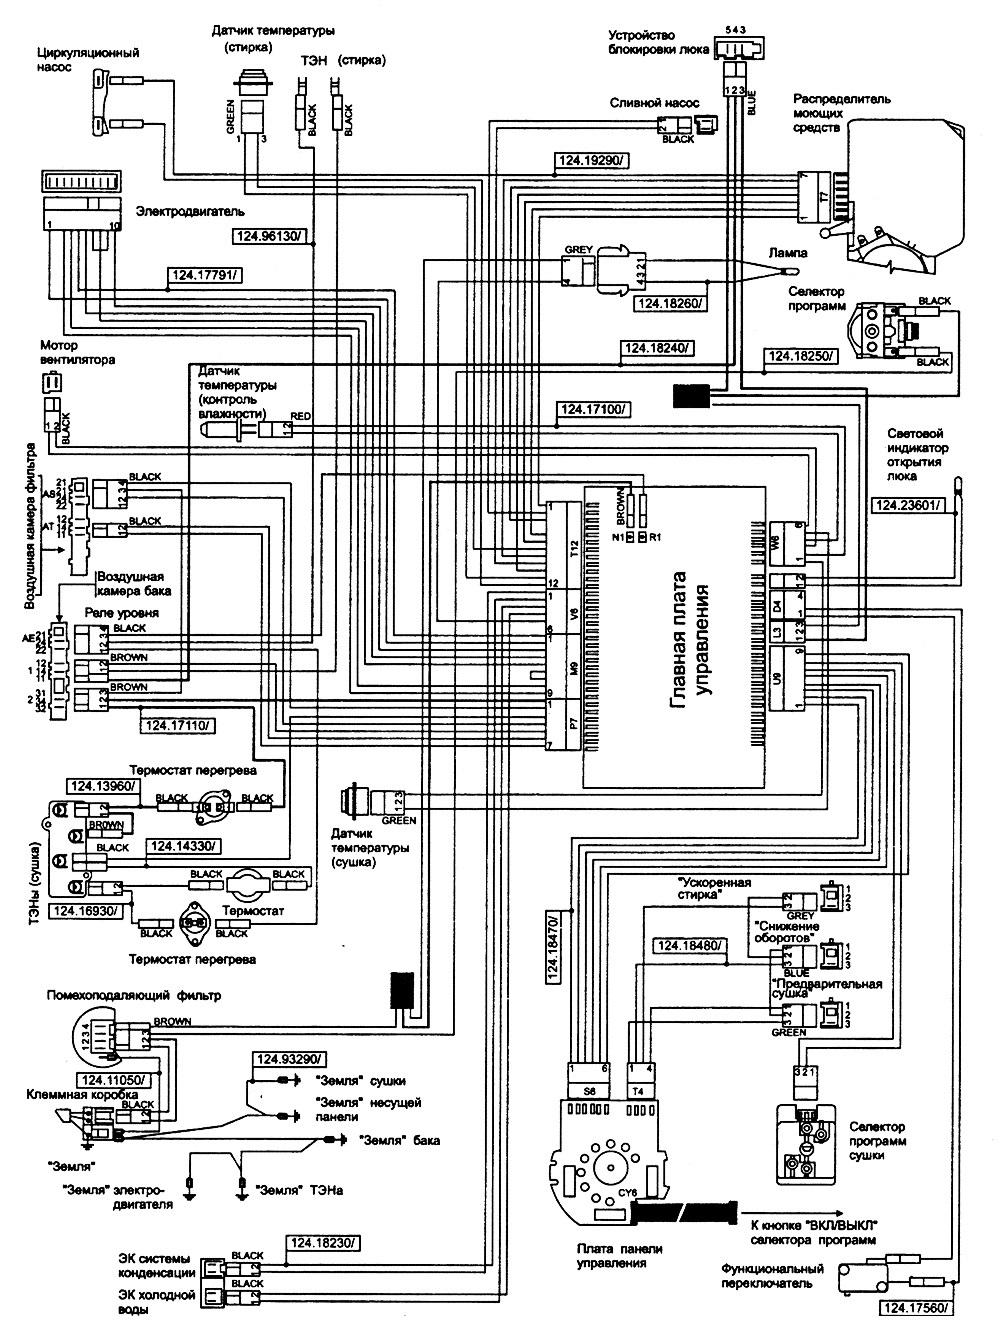 стиральные машины zanussi инструкция fl904cn